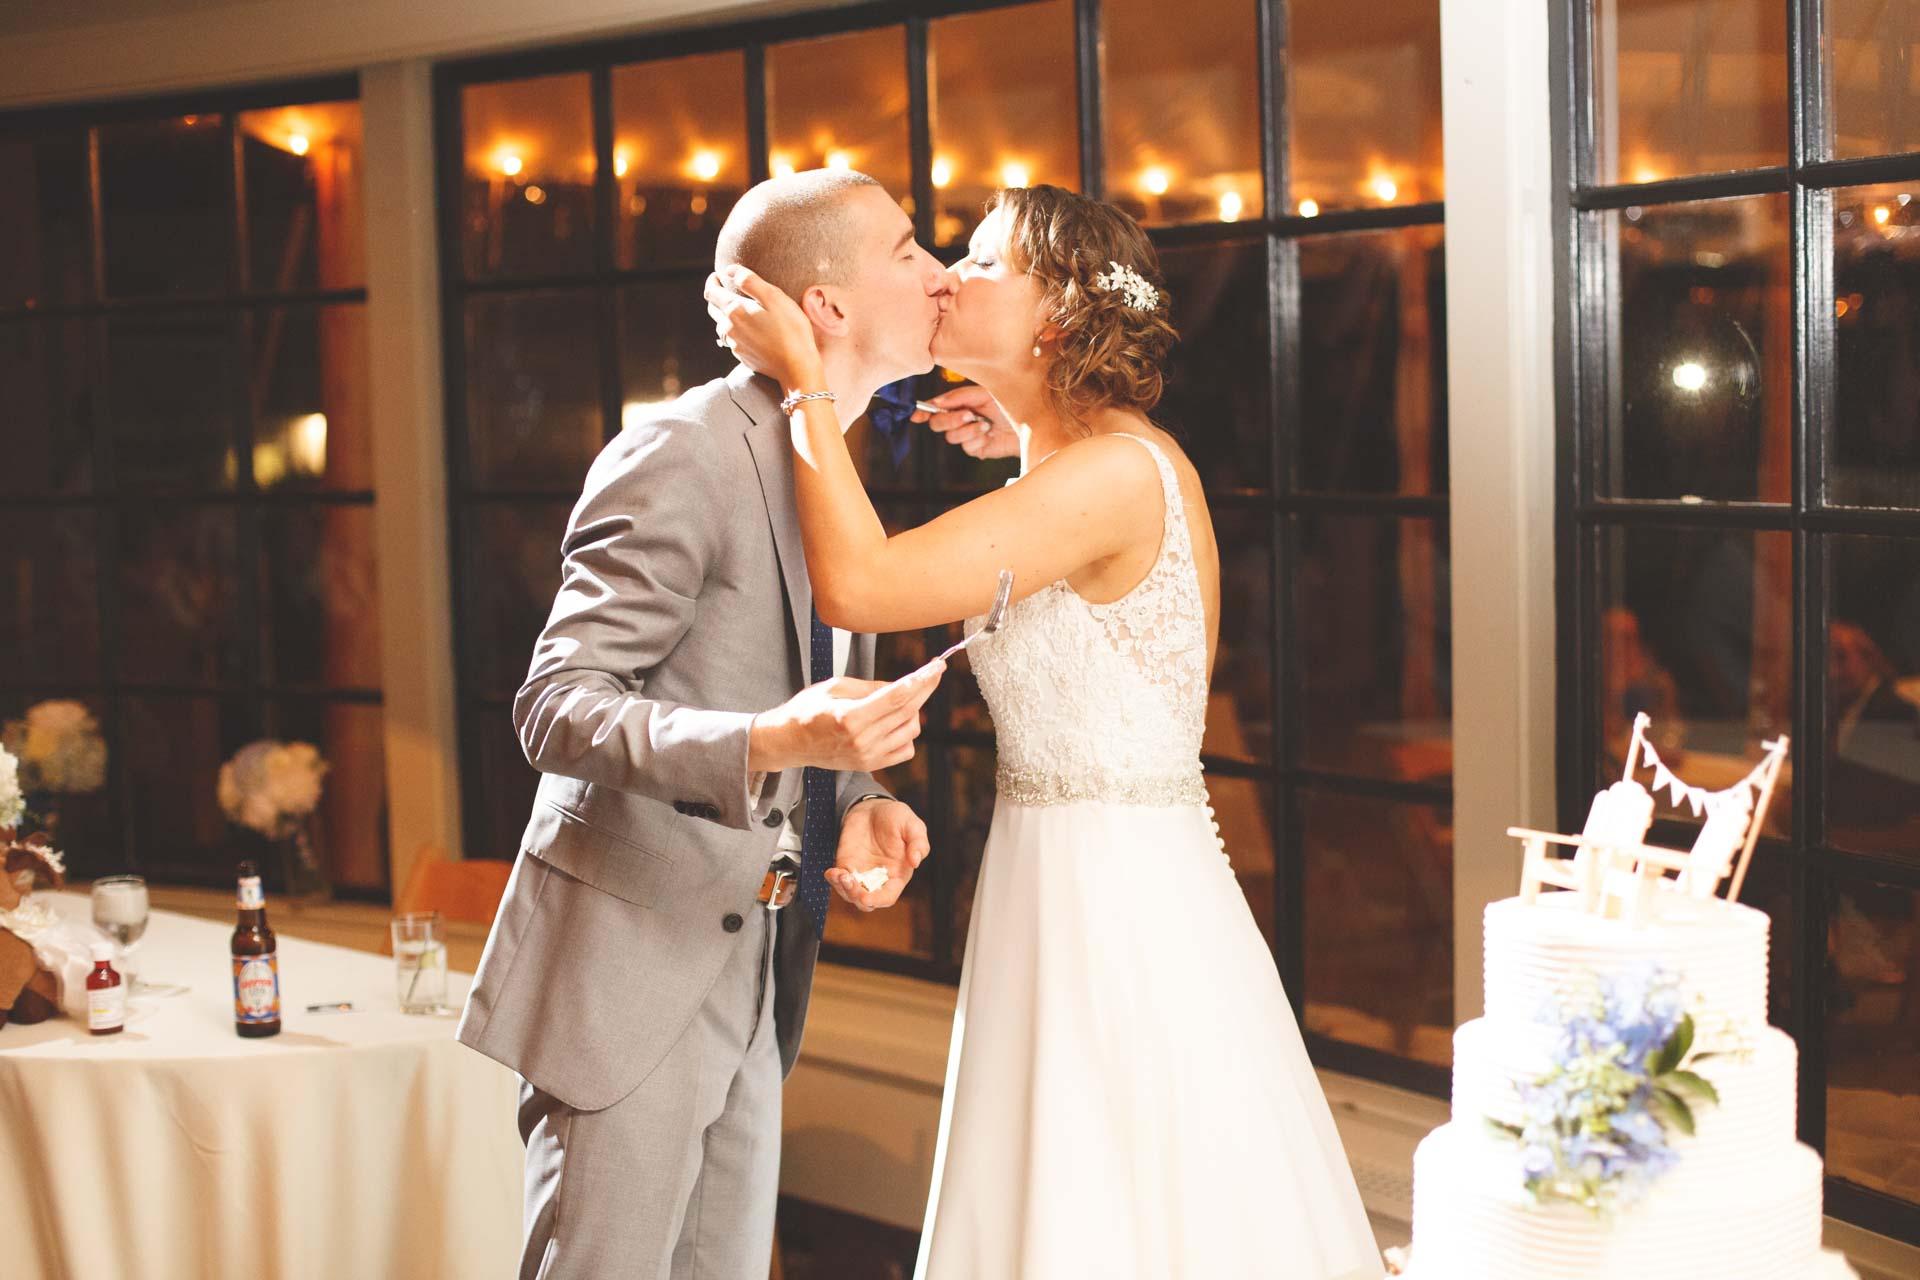 latitude-41-wedding-photography (58 of 66).jpg